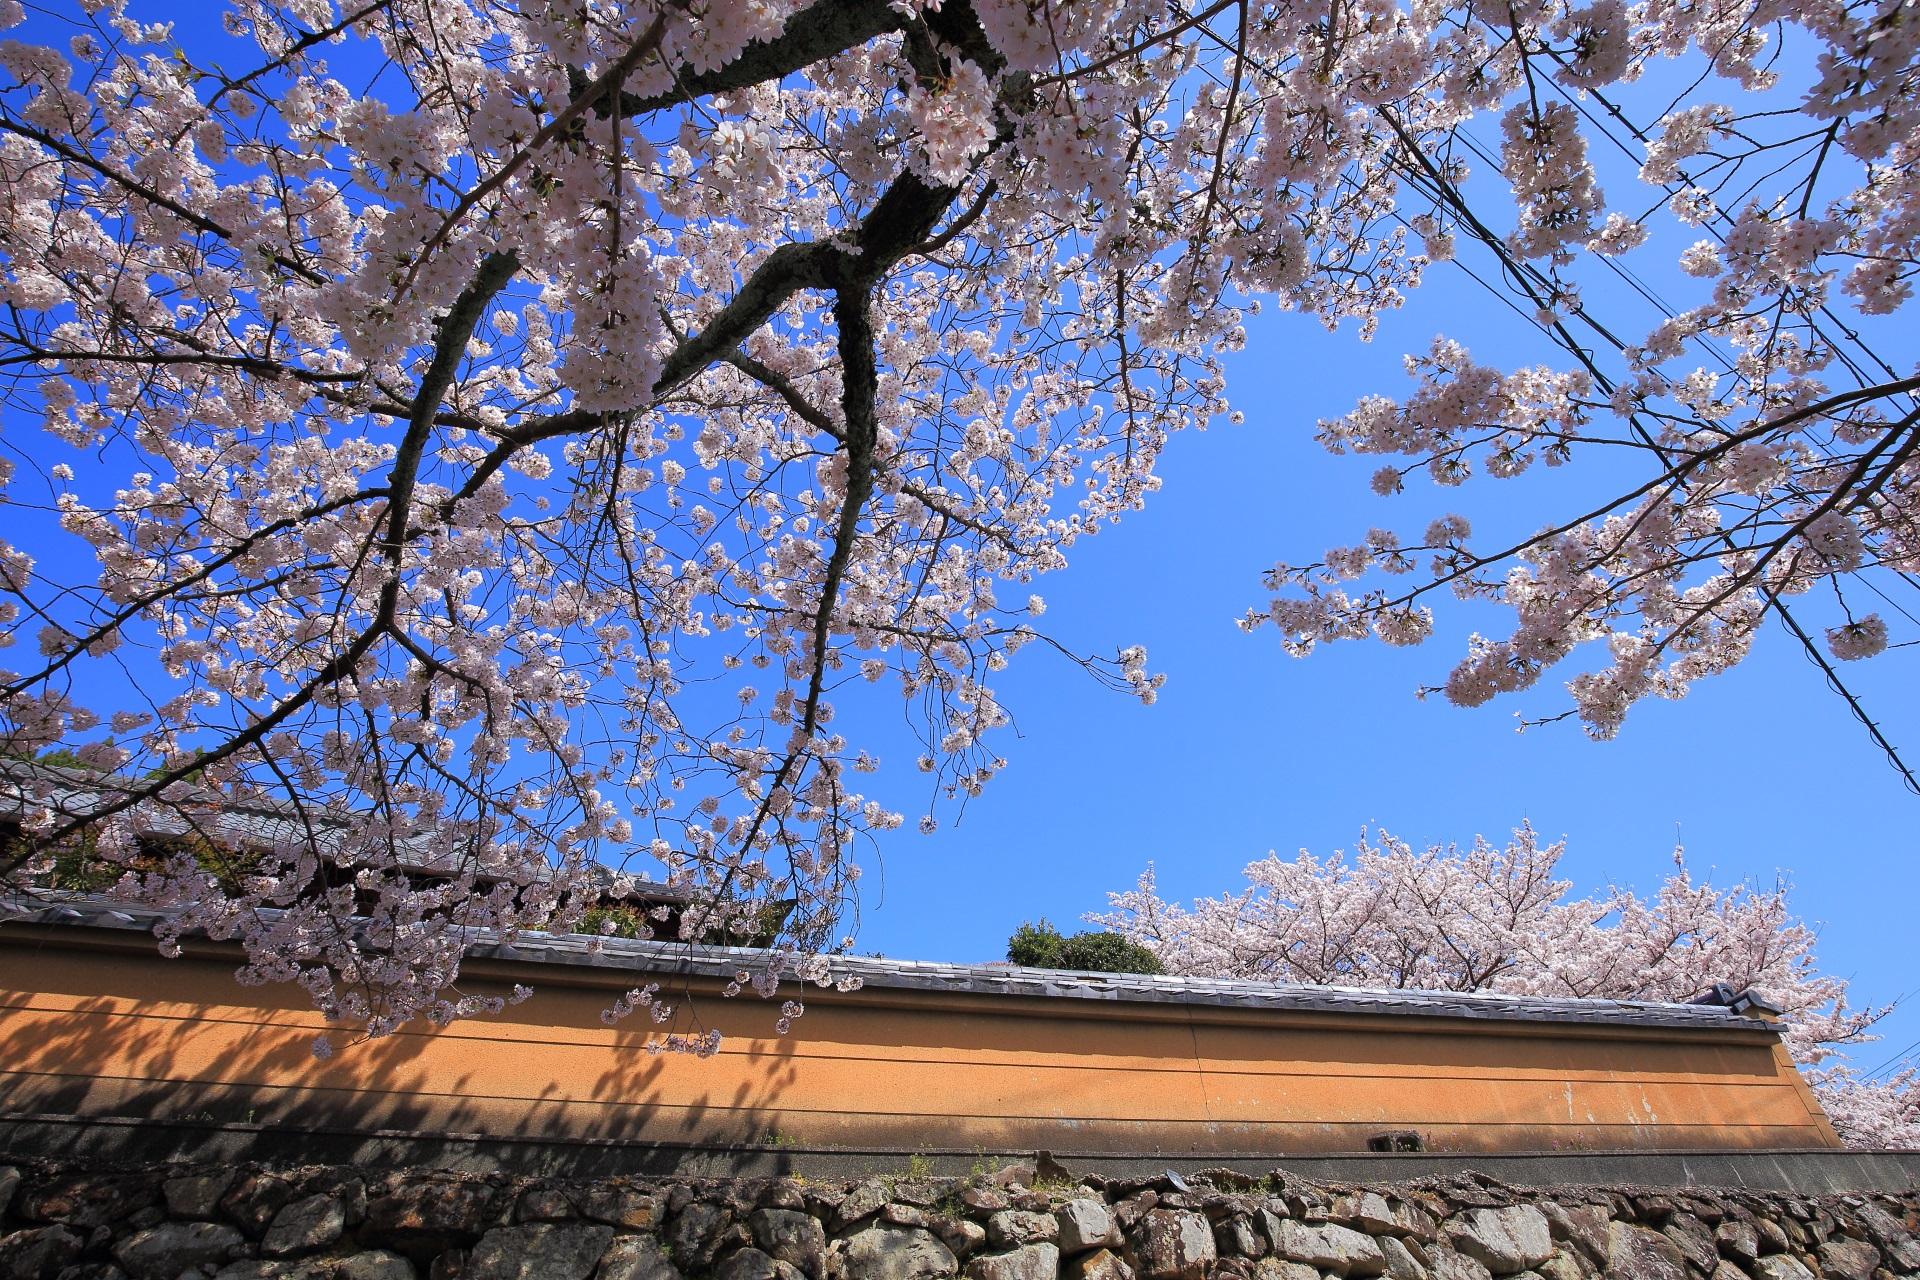 願徳寺の土塀沿いの華やかな桜